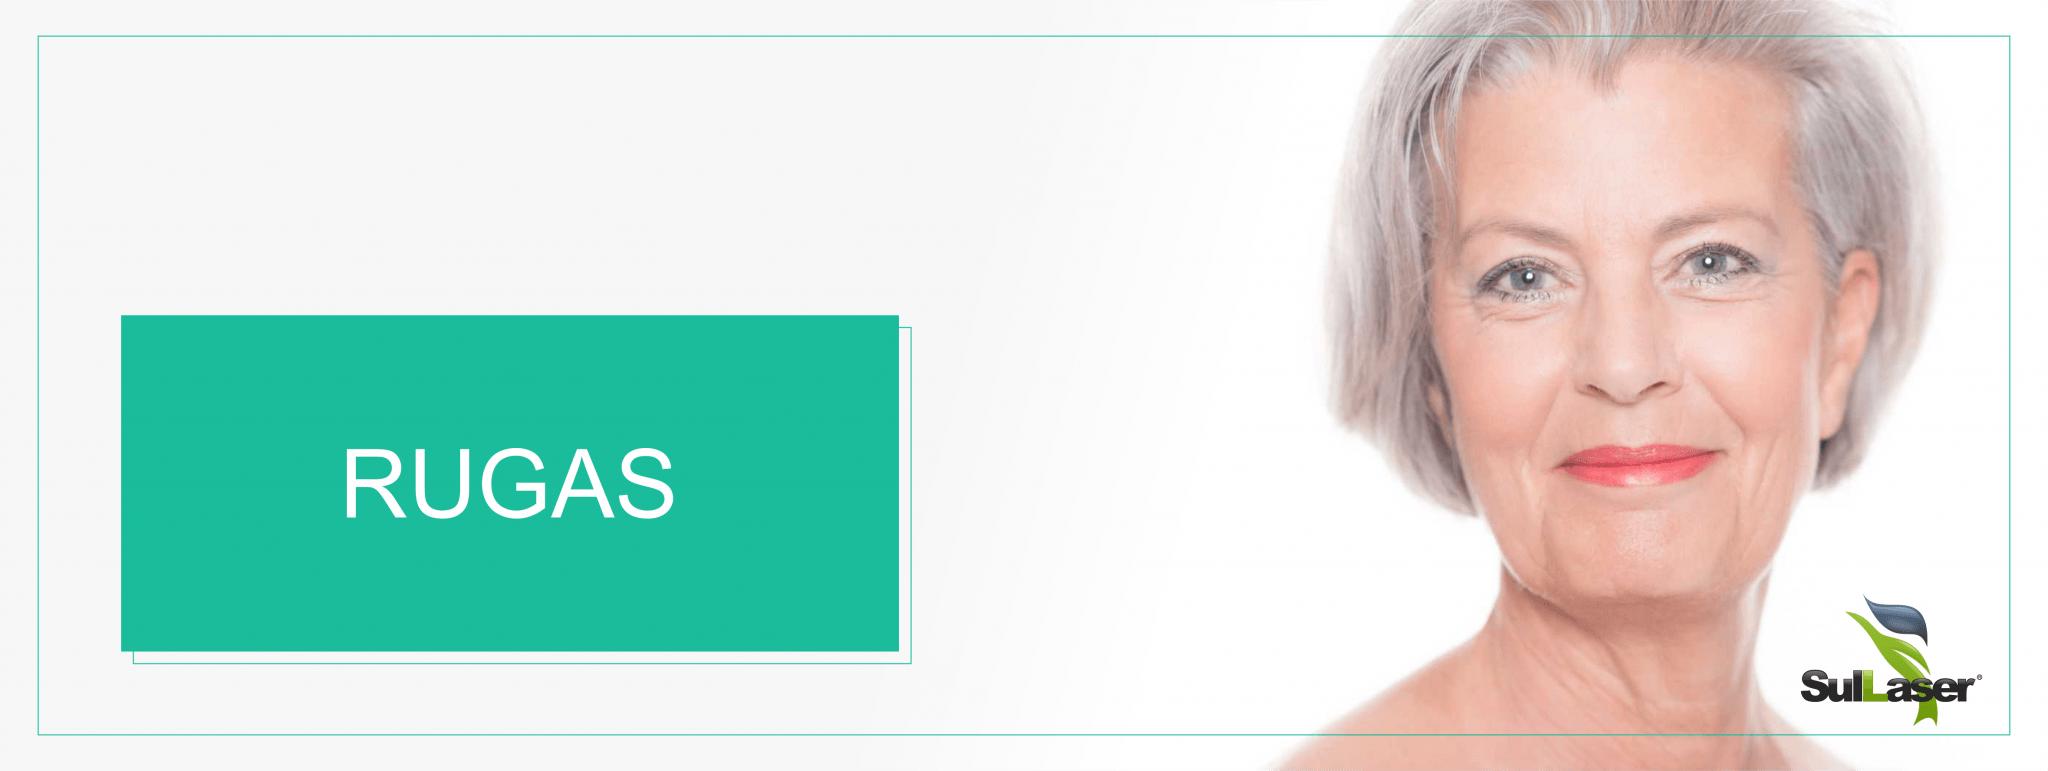 Você sabia que a sua expressão facial contribui para o envelhecimento e as rugas?